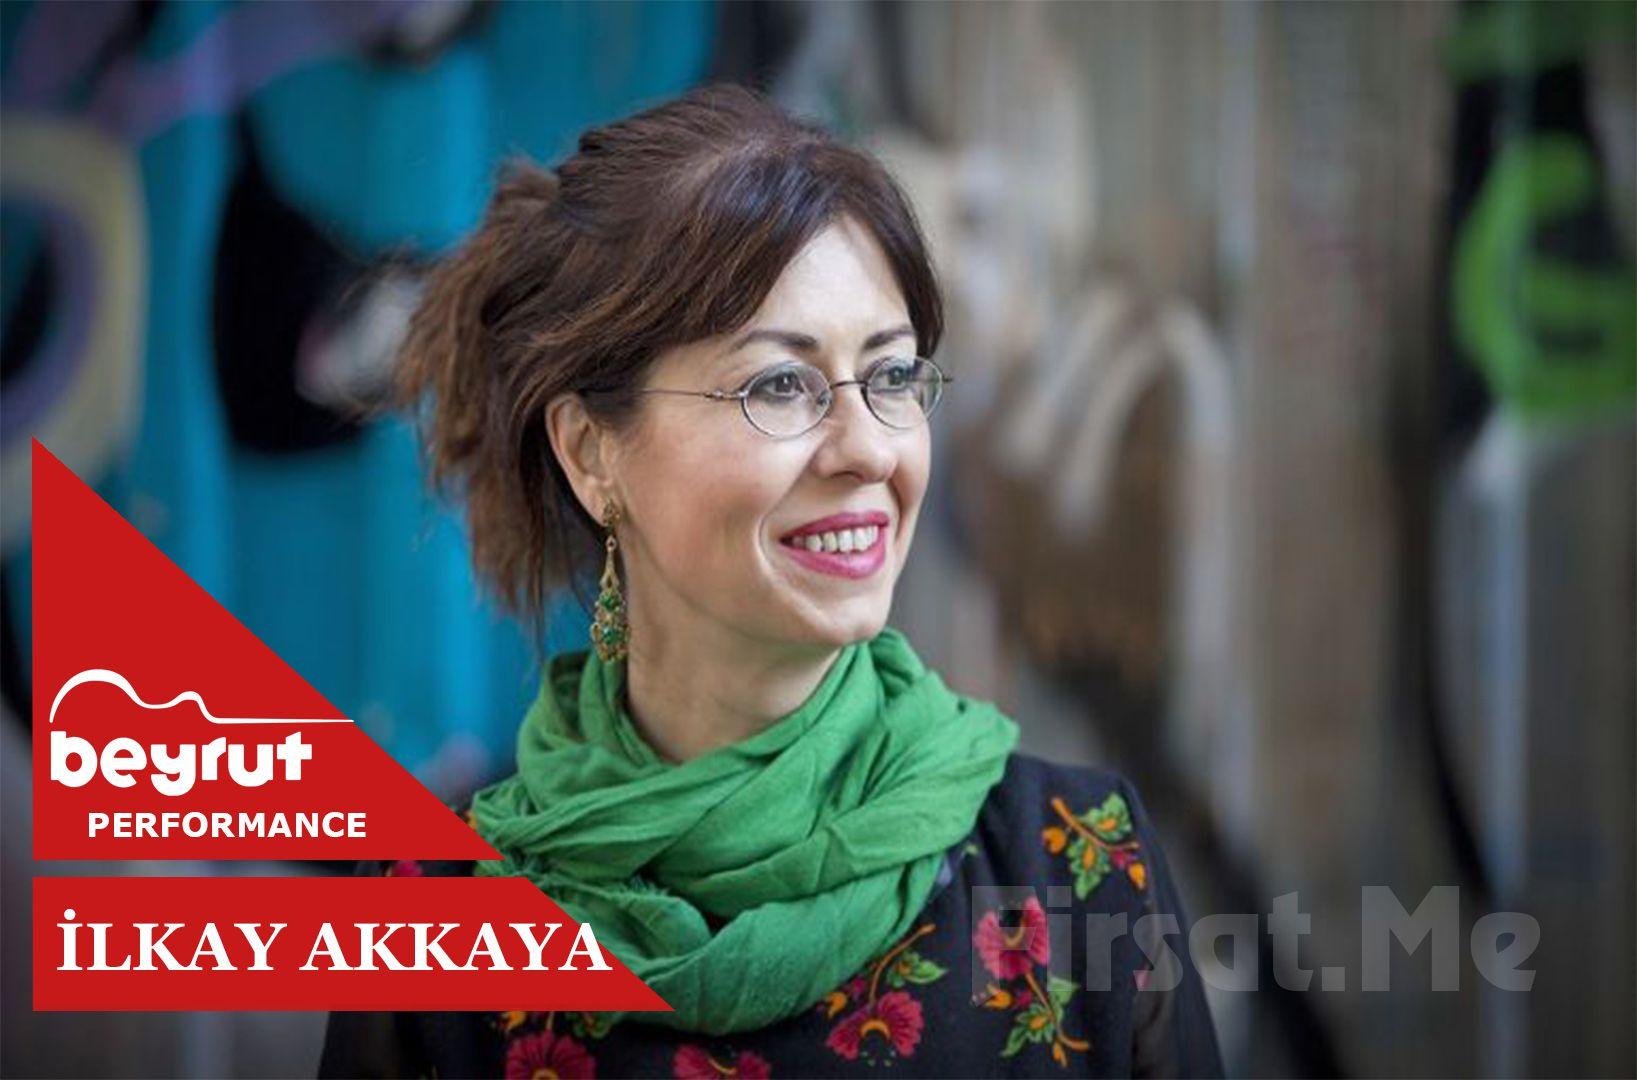 İlkay Akkaya , 1 Kasım 2019 Cuma Akşamı Beyrut Performans Sahnesi'nde